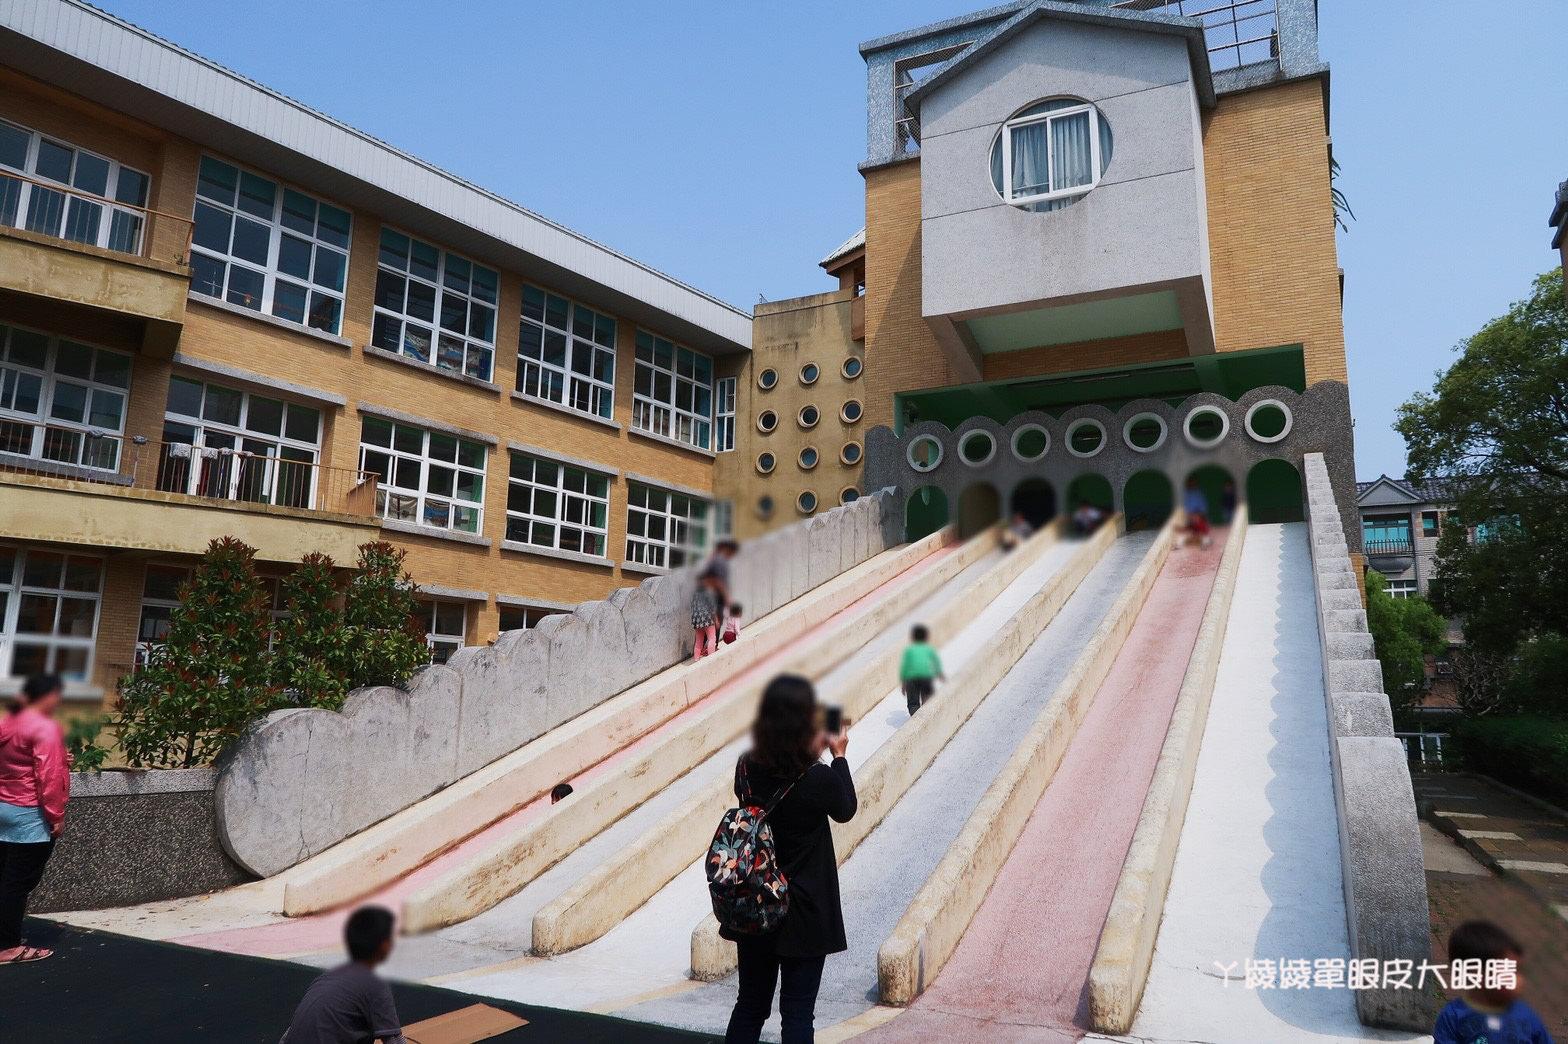 新竹免費旅遊景點推薦!陽光國小紫藤花開了!兩層樓高的彩虹溜滑梯